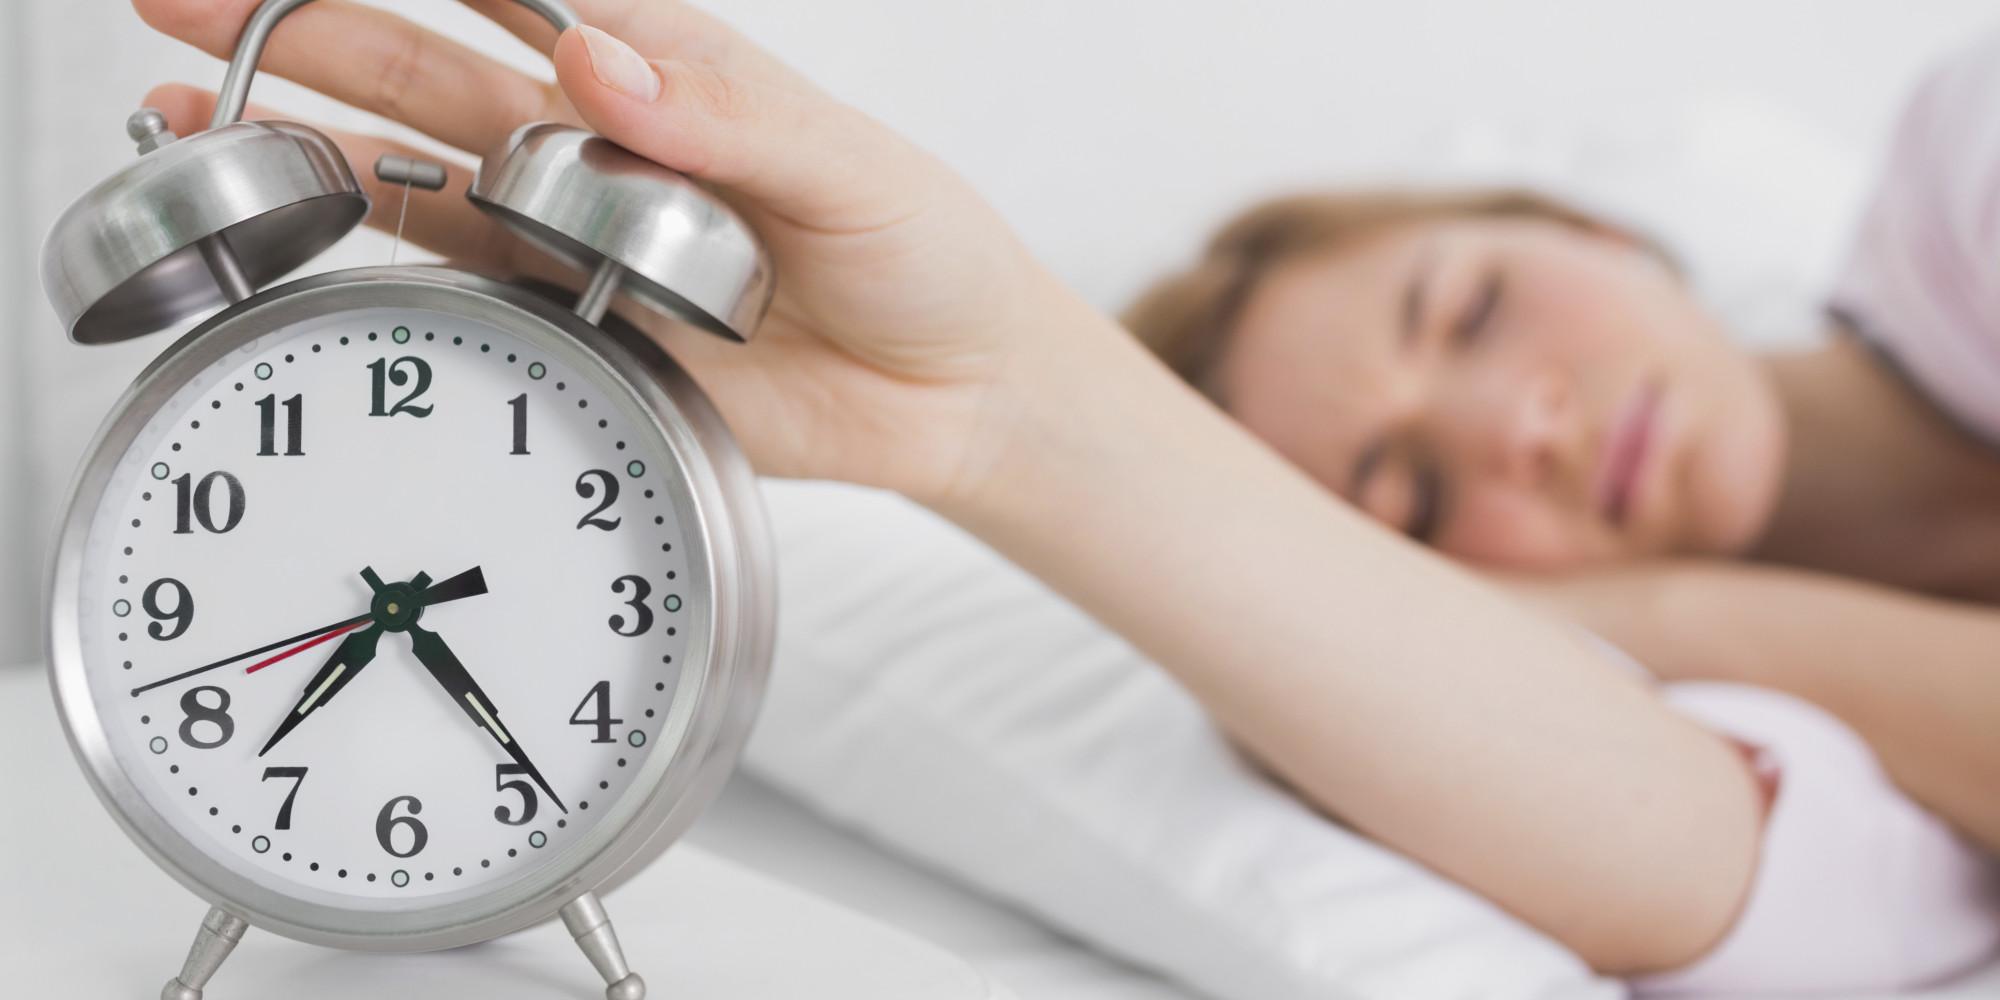 Ο ακατάστατος ύπνος του Σαββατοκύριακου βλάπτει σοβαρά την υγεία!